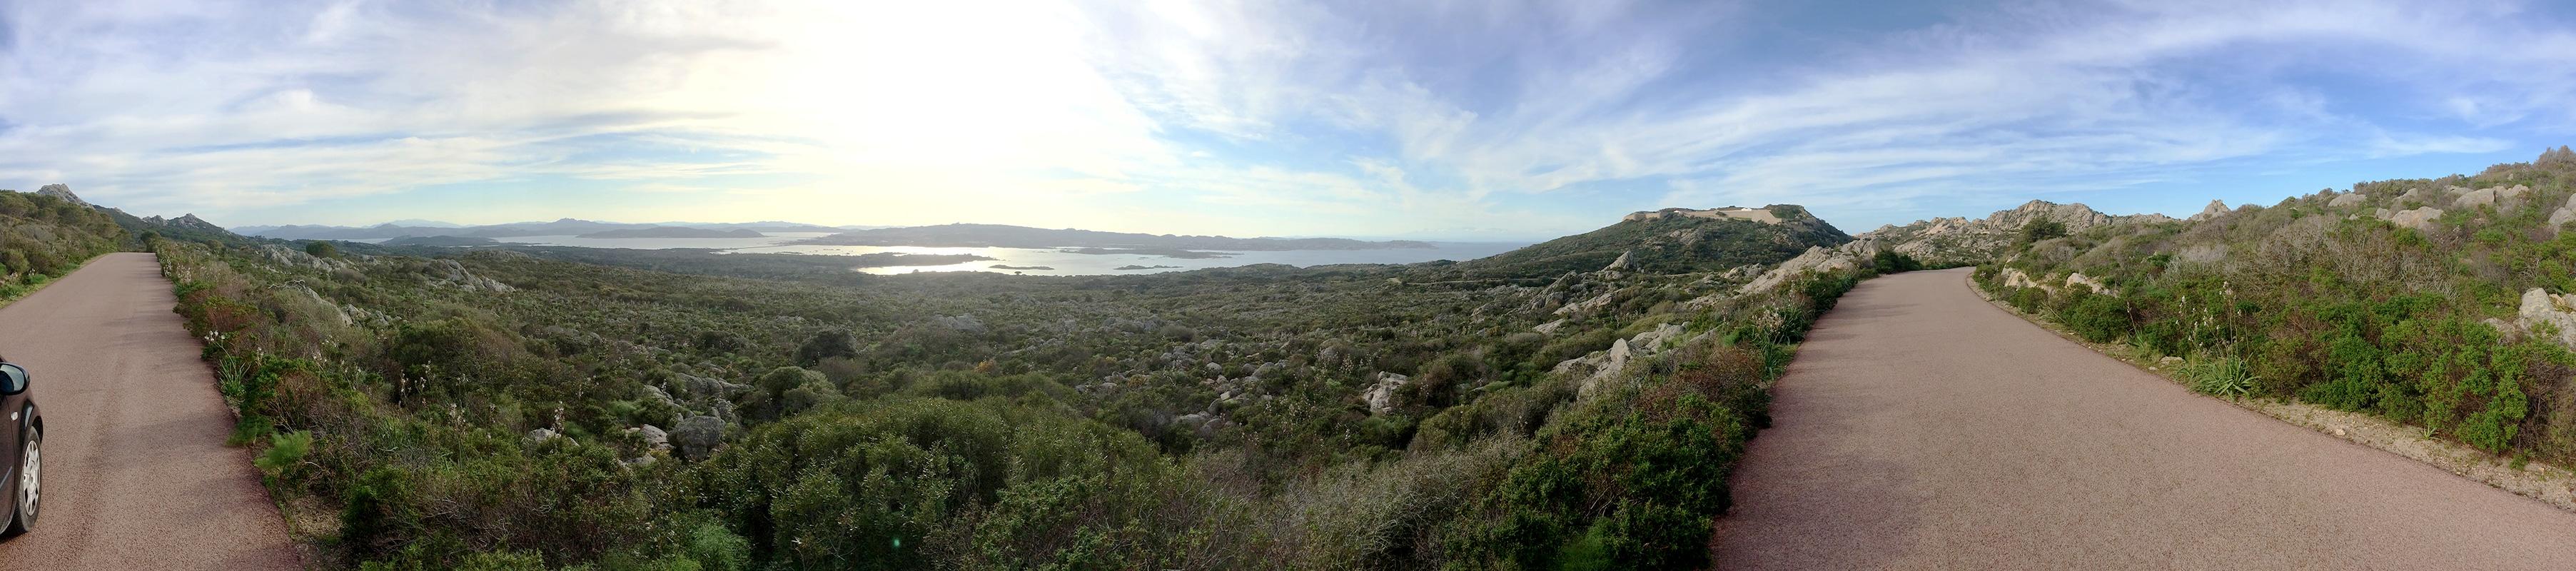 Sardegna1